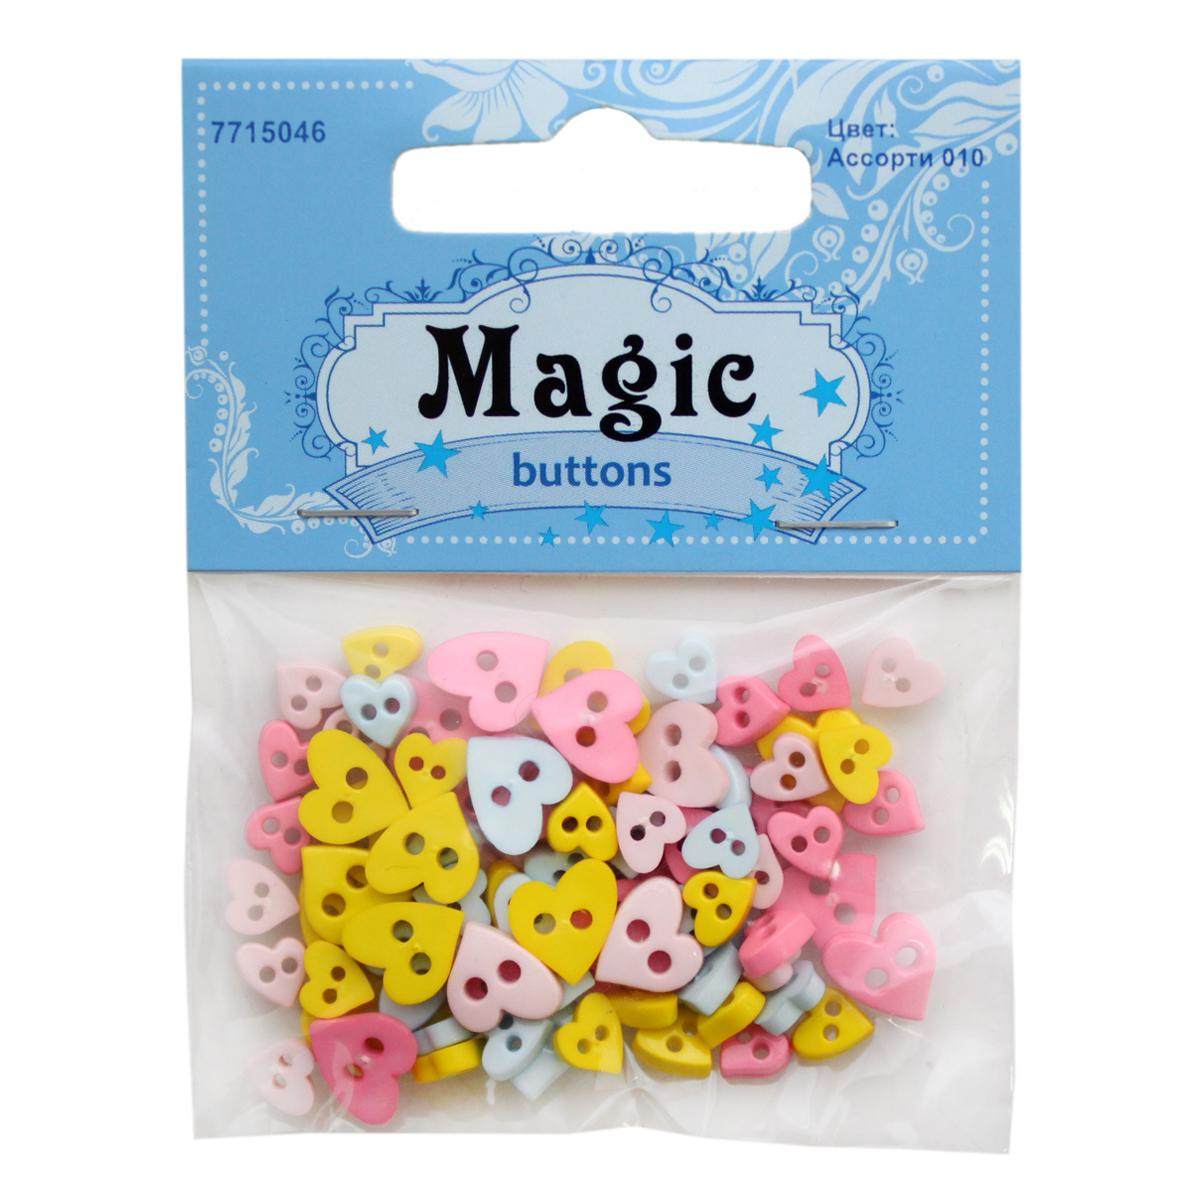 Пуговицы декоративные Magic Buttons Сердечки, 5 г7715046_Ассорти 010Яркие и красочные пуговицы Magic Buttons станут прекрасным дополнением к любому образу. Пуговицы выполнены в разных цветовых вариантах и формах.